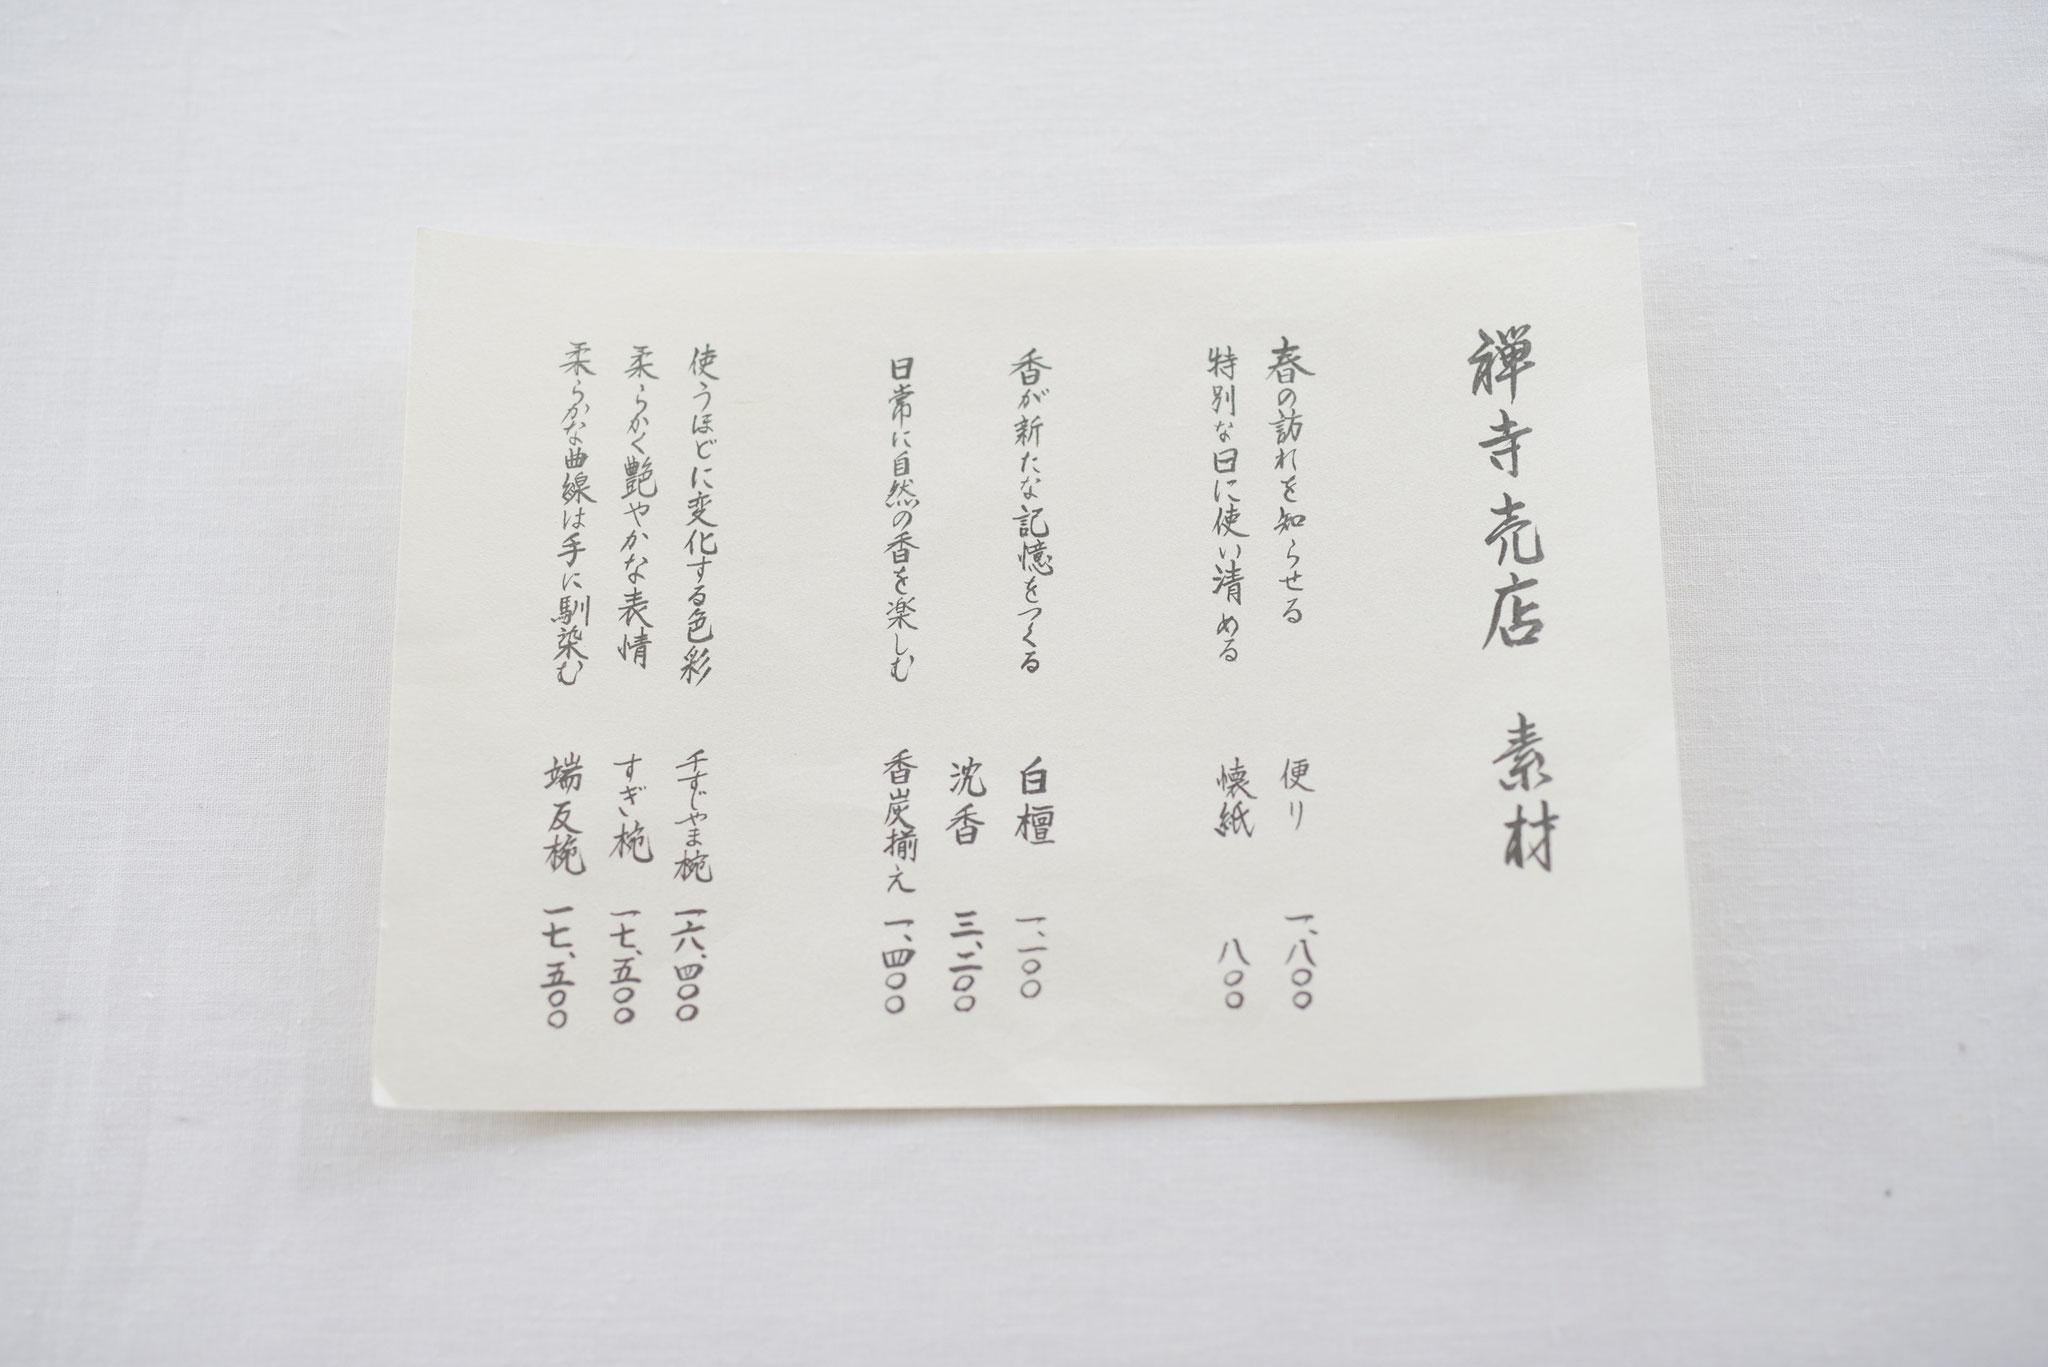 禅寺食堂「饅頭」・禅寺売店「素材」